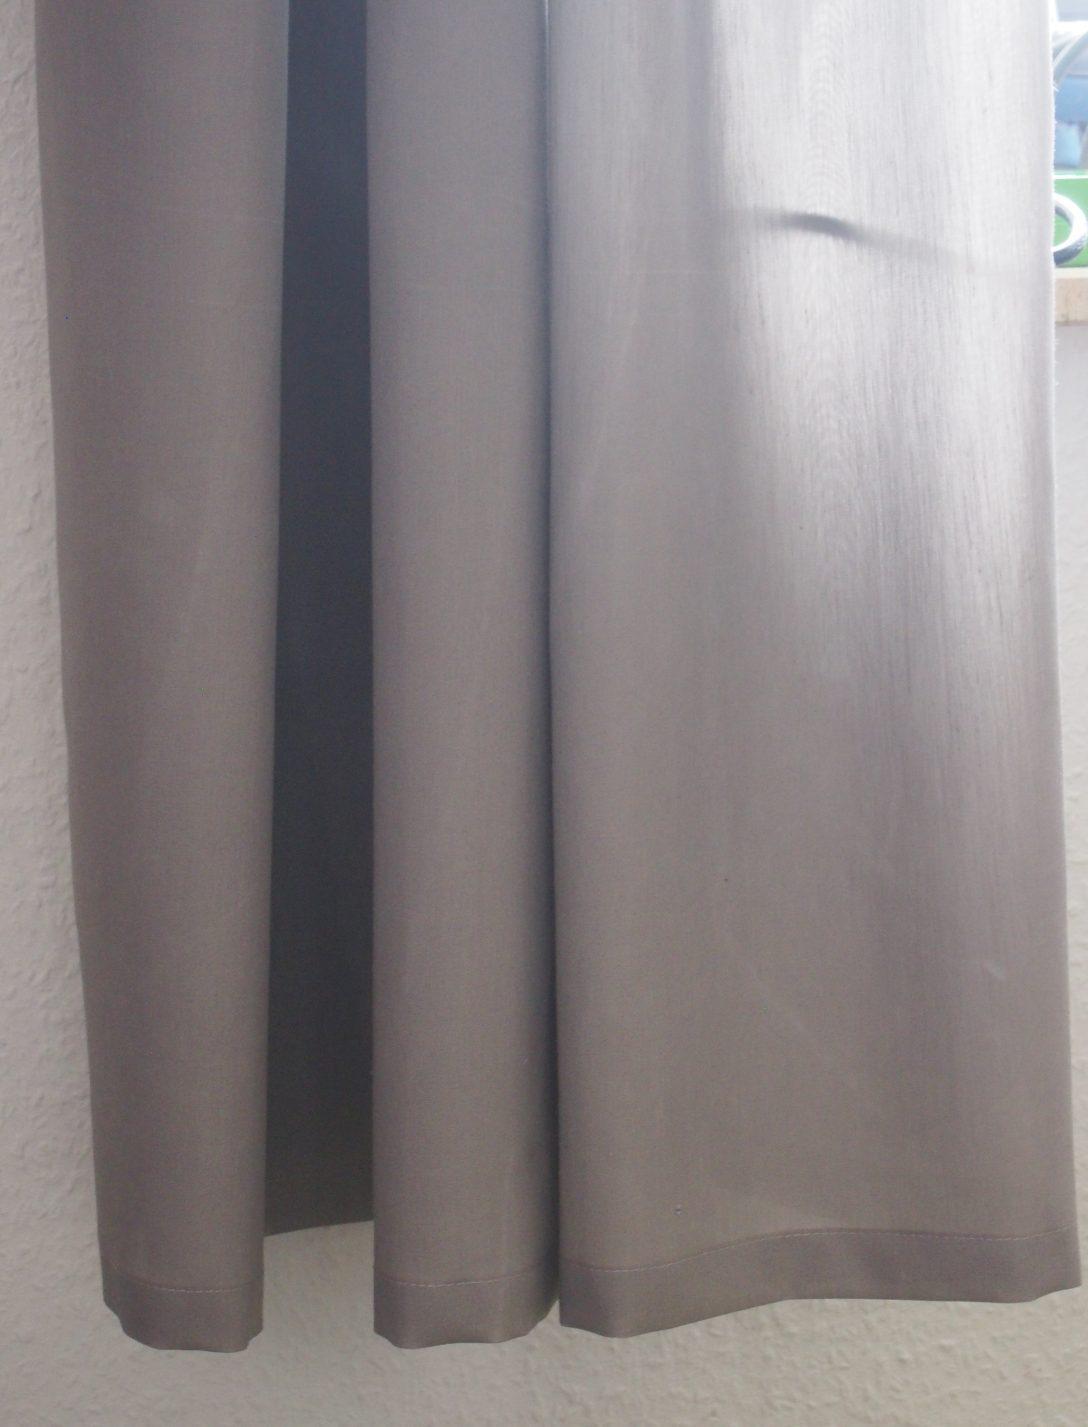 Large Size of Vorhang Krzen Nhanleitung Frs Eines Gekauften Fertigen Wohnzimmer Gardinen Für Die Küche Schlafzimmer Scheibengardinen Fenster Wohnzimmer Kurze Gardinen